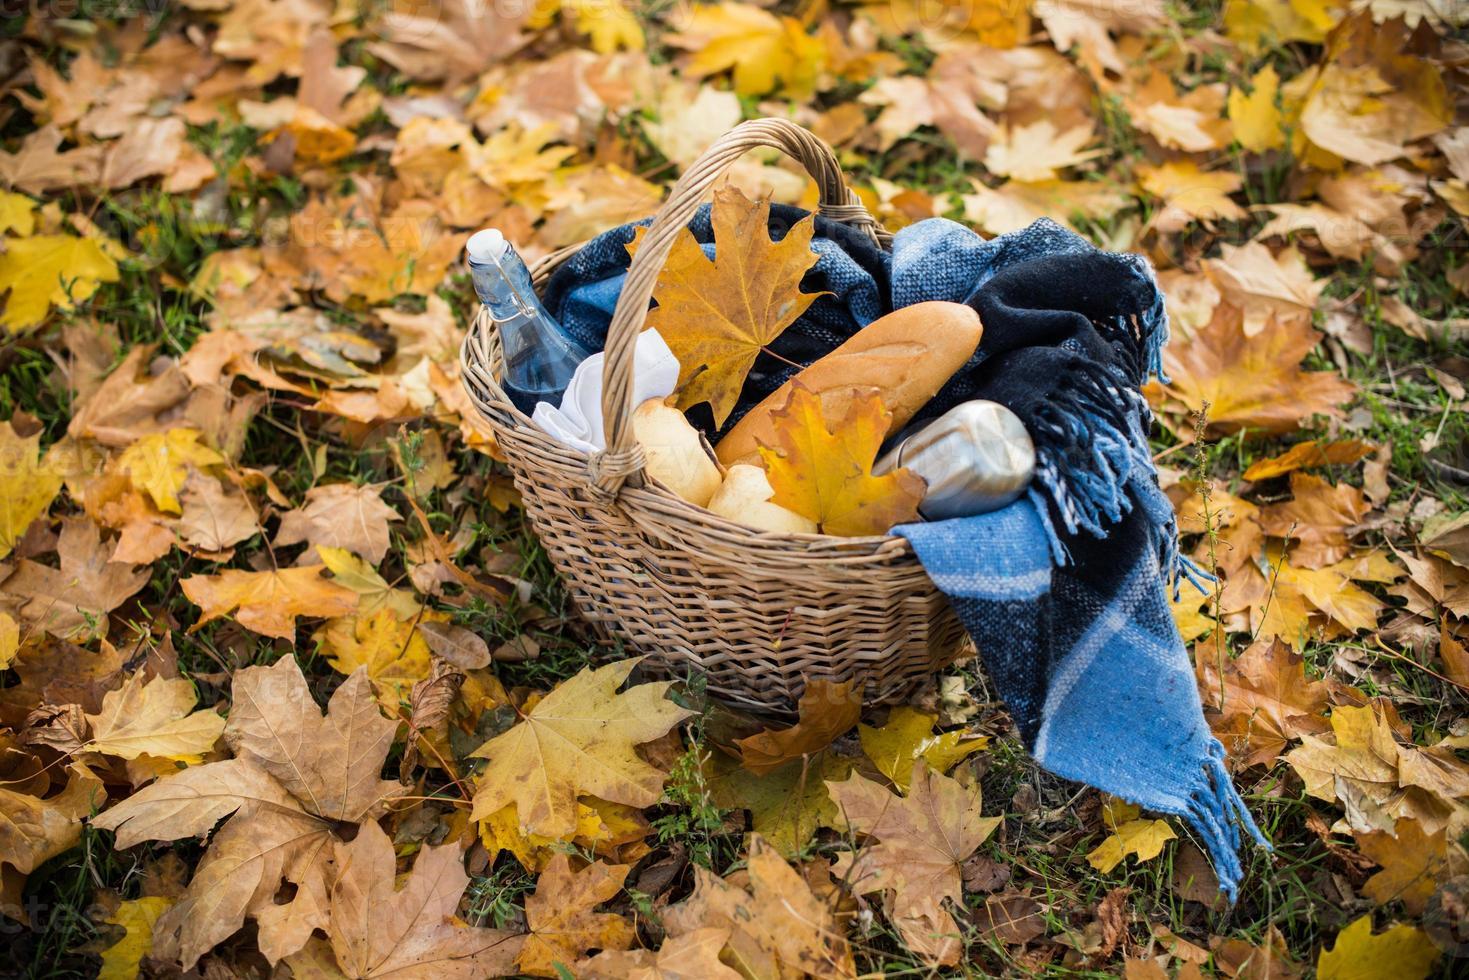 piquenique de outono no parque foto